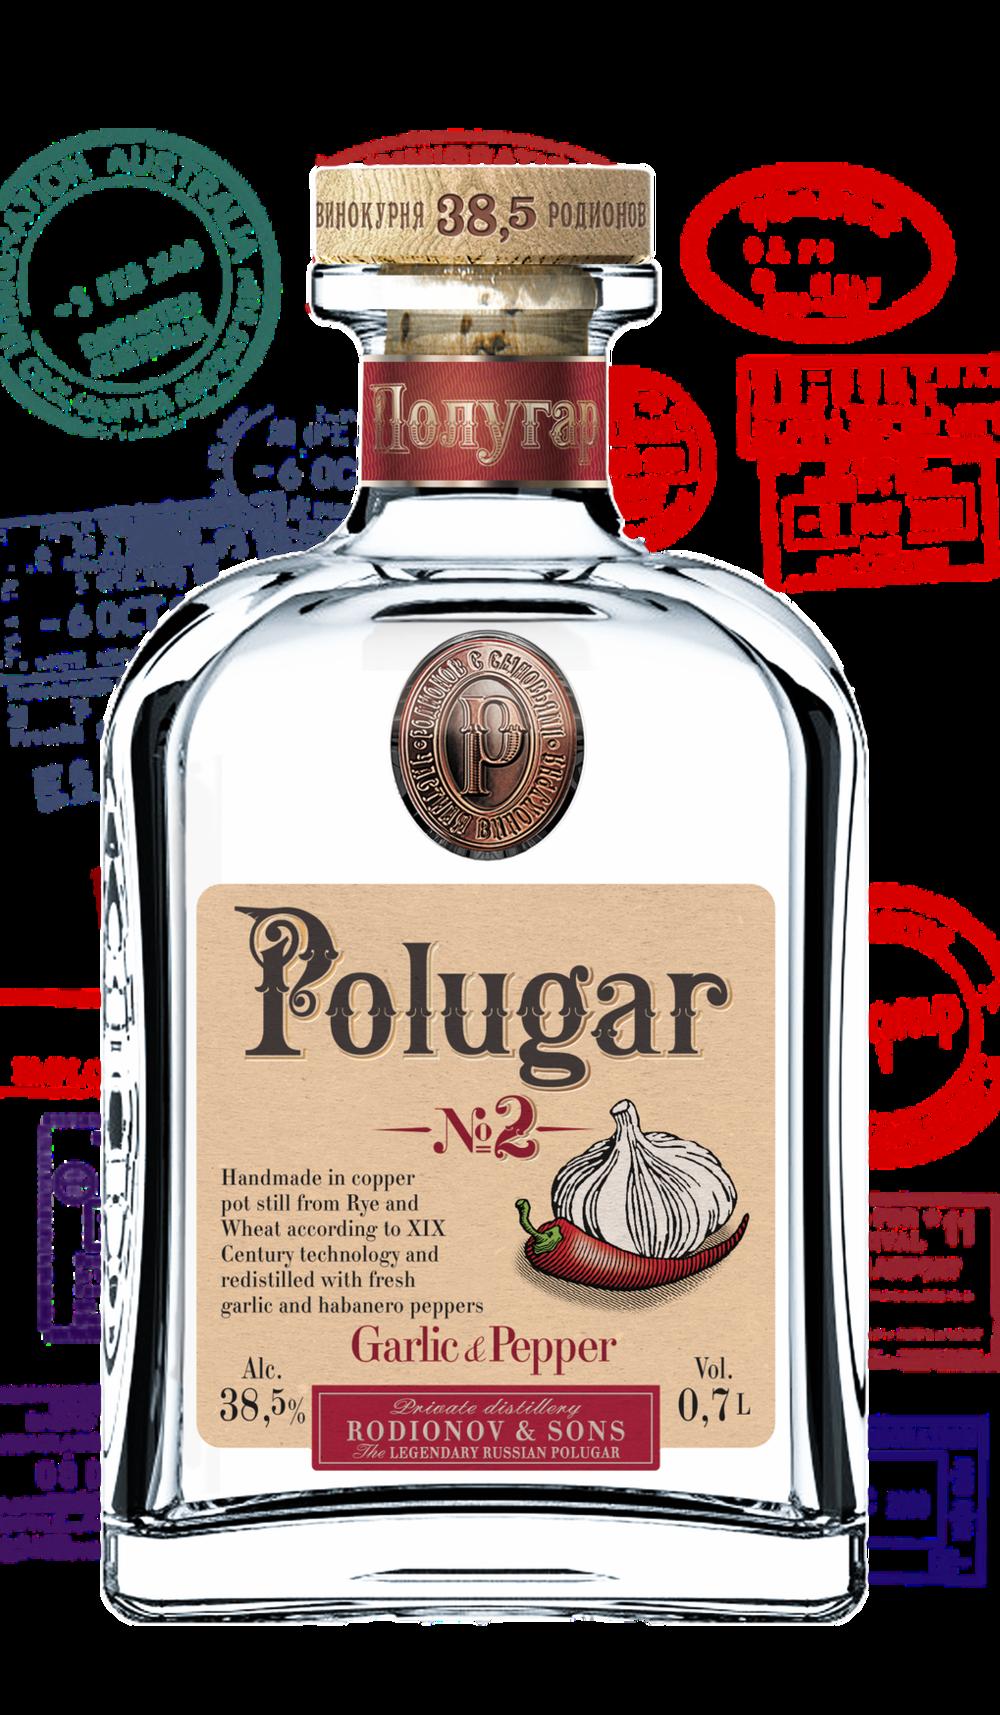 Polugar No.2 Garlic & Pepper   Klicke auf das Bild für mehr Infos